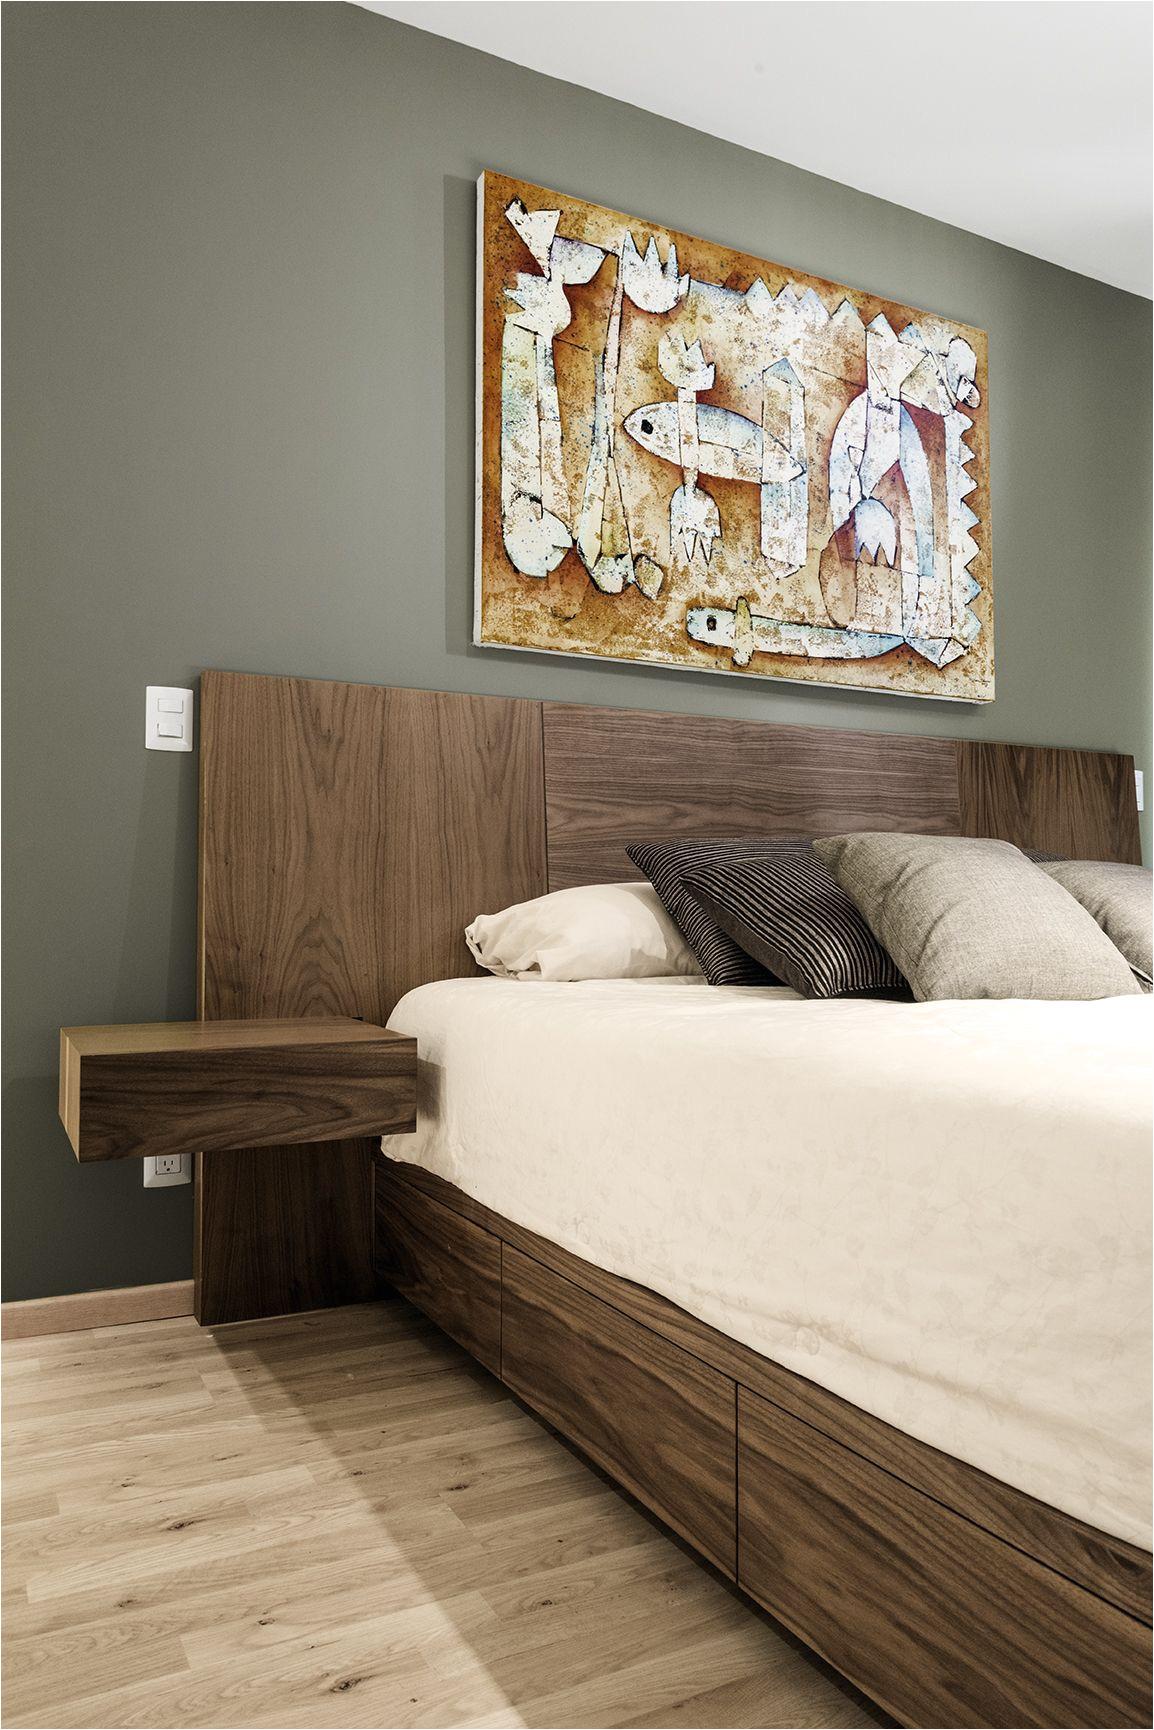 Matera Bed with Storage Craigslist Recamara King Con Cajones En Base De Cama Cuadro De Juan Ibarra